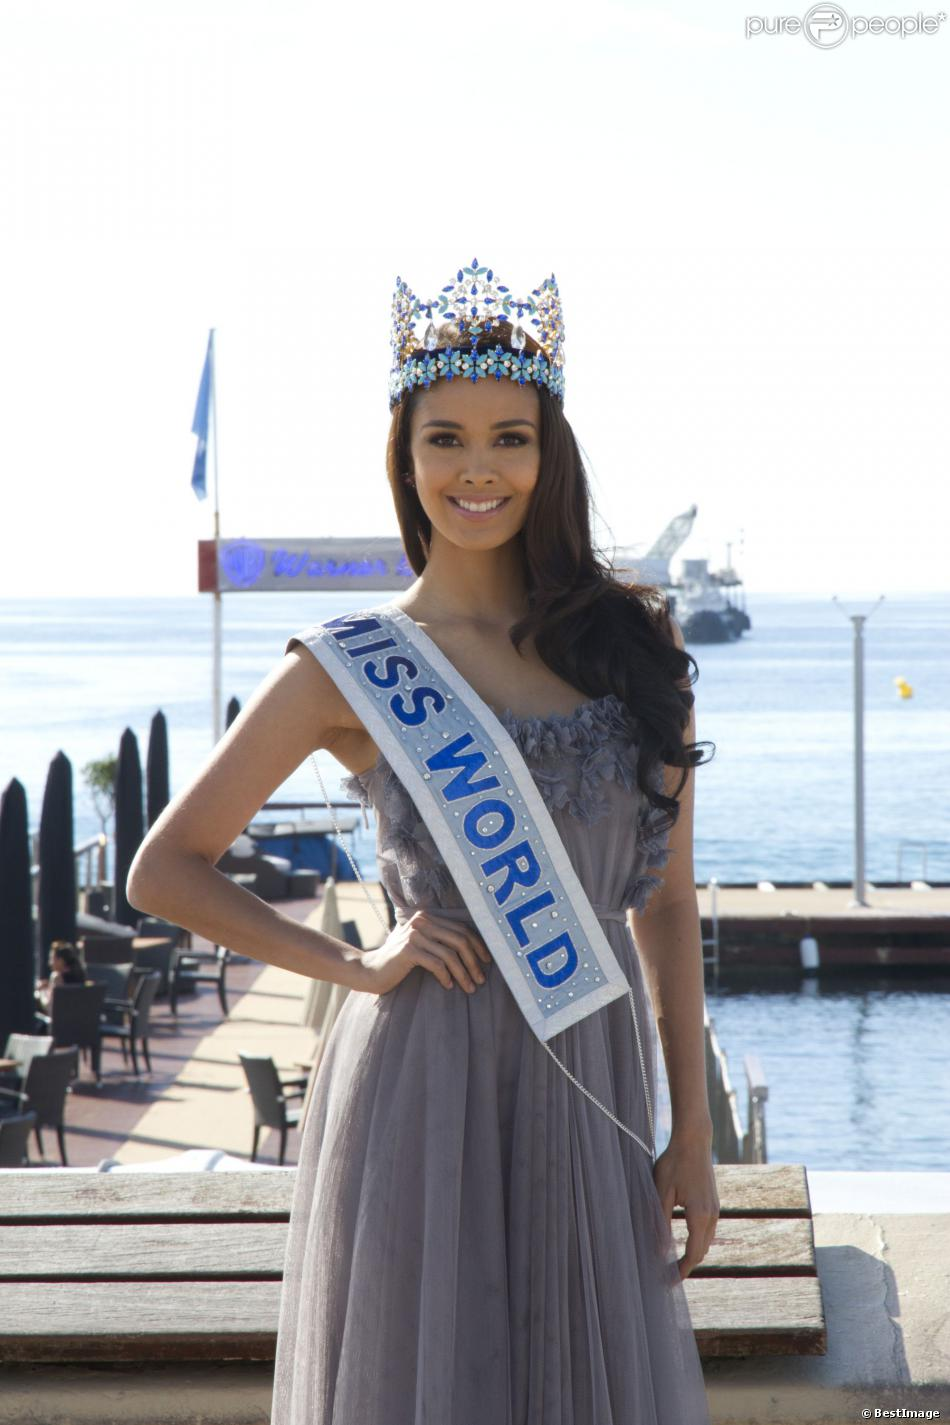 La bombe Megan Young, Miss Monde 2013, pose lors d'un photocall à l'occasion du Mipcom à Cannes, le 8 octobre 2013.